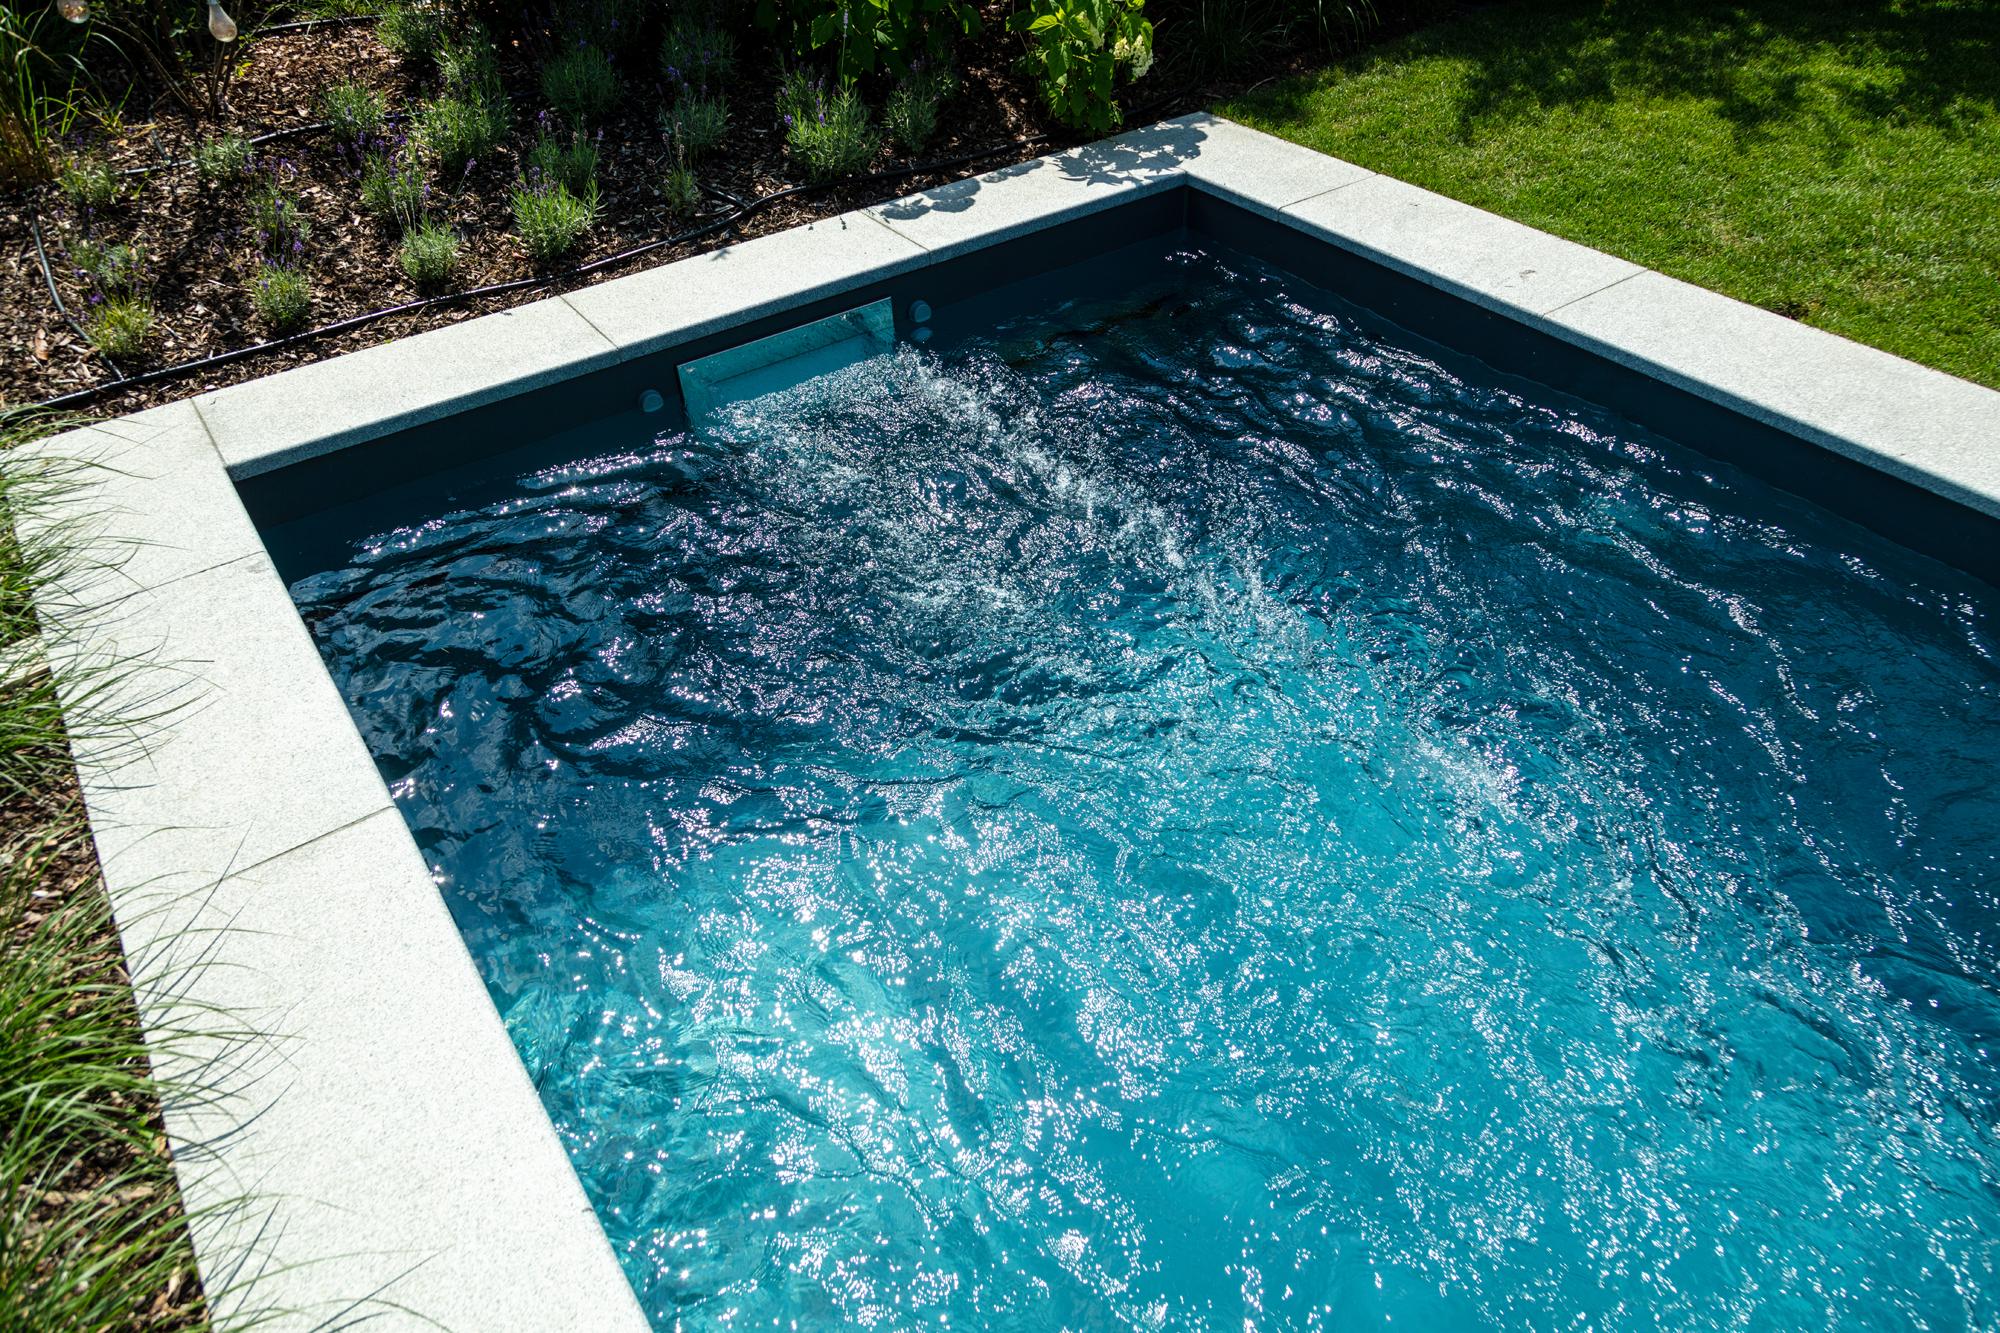 Dazu ein Schwimmbecken in eisengrau mit Swimstream